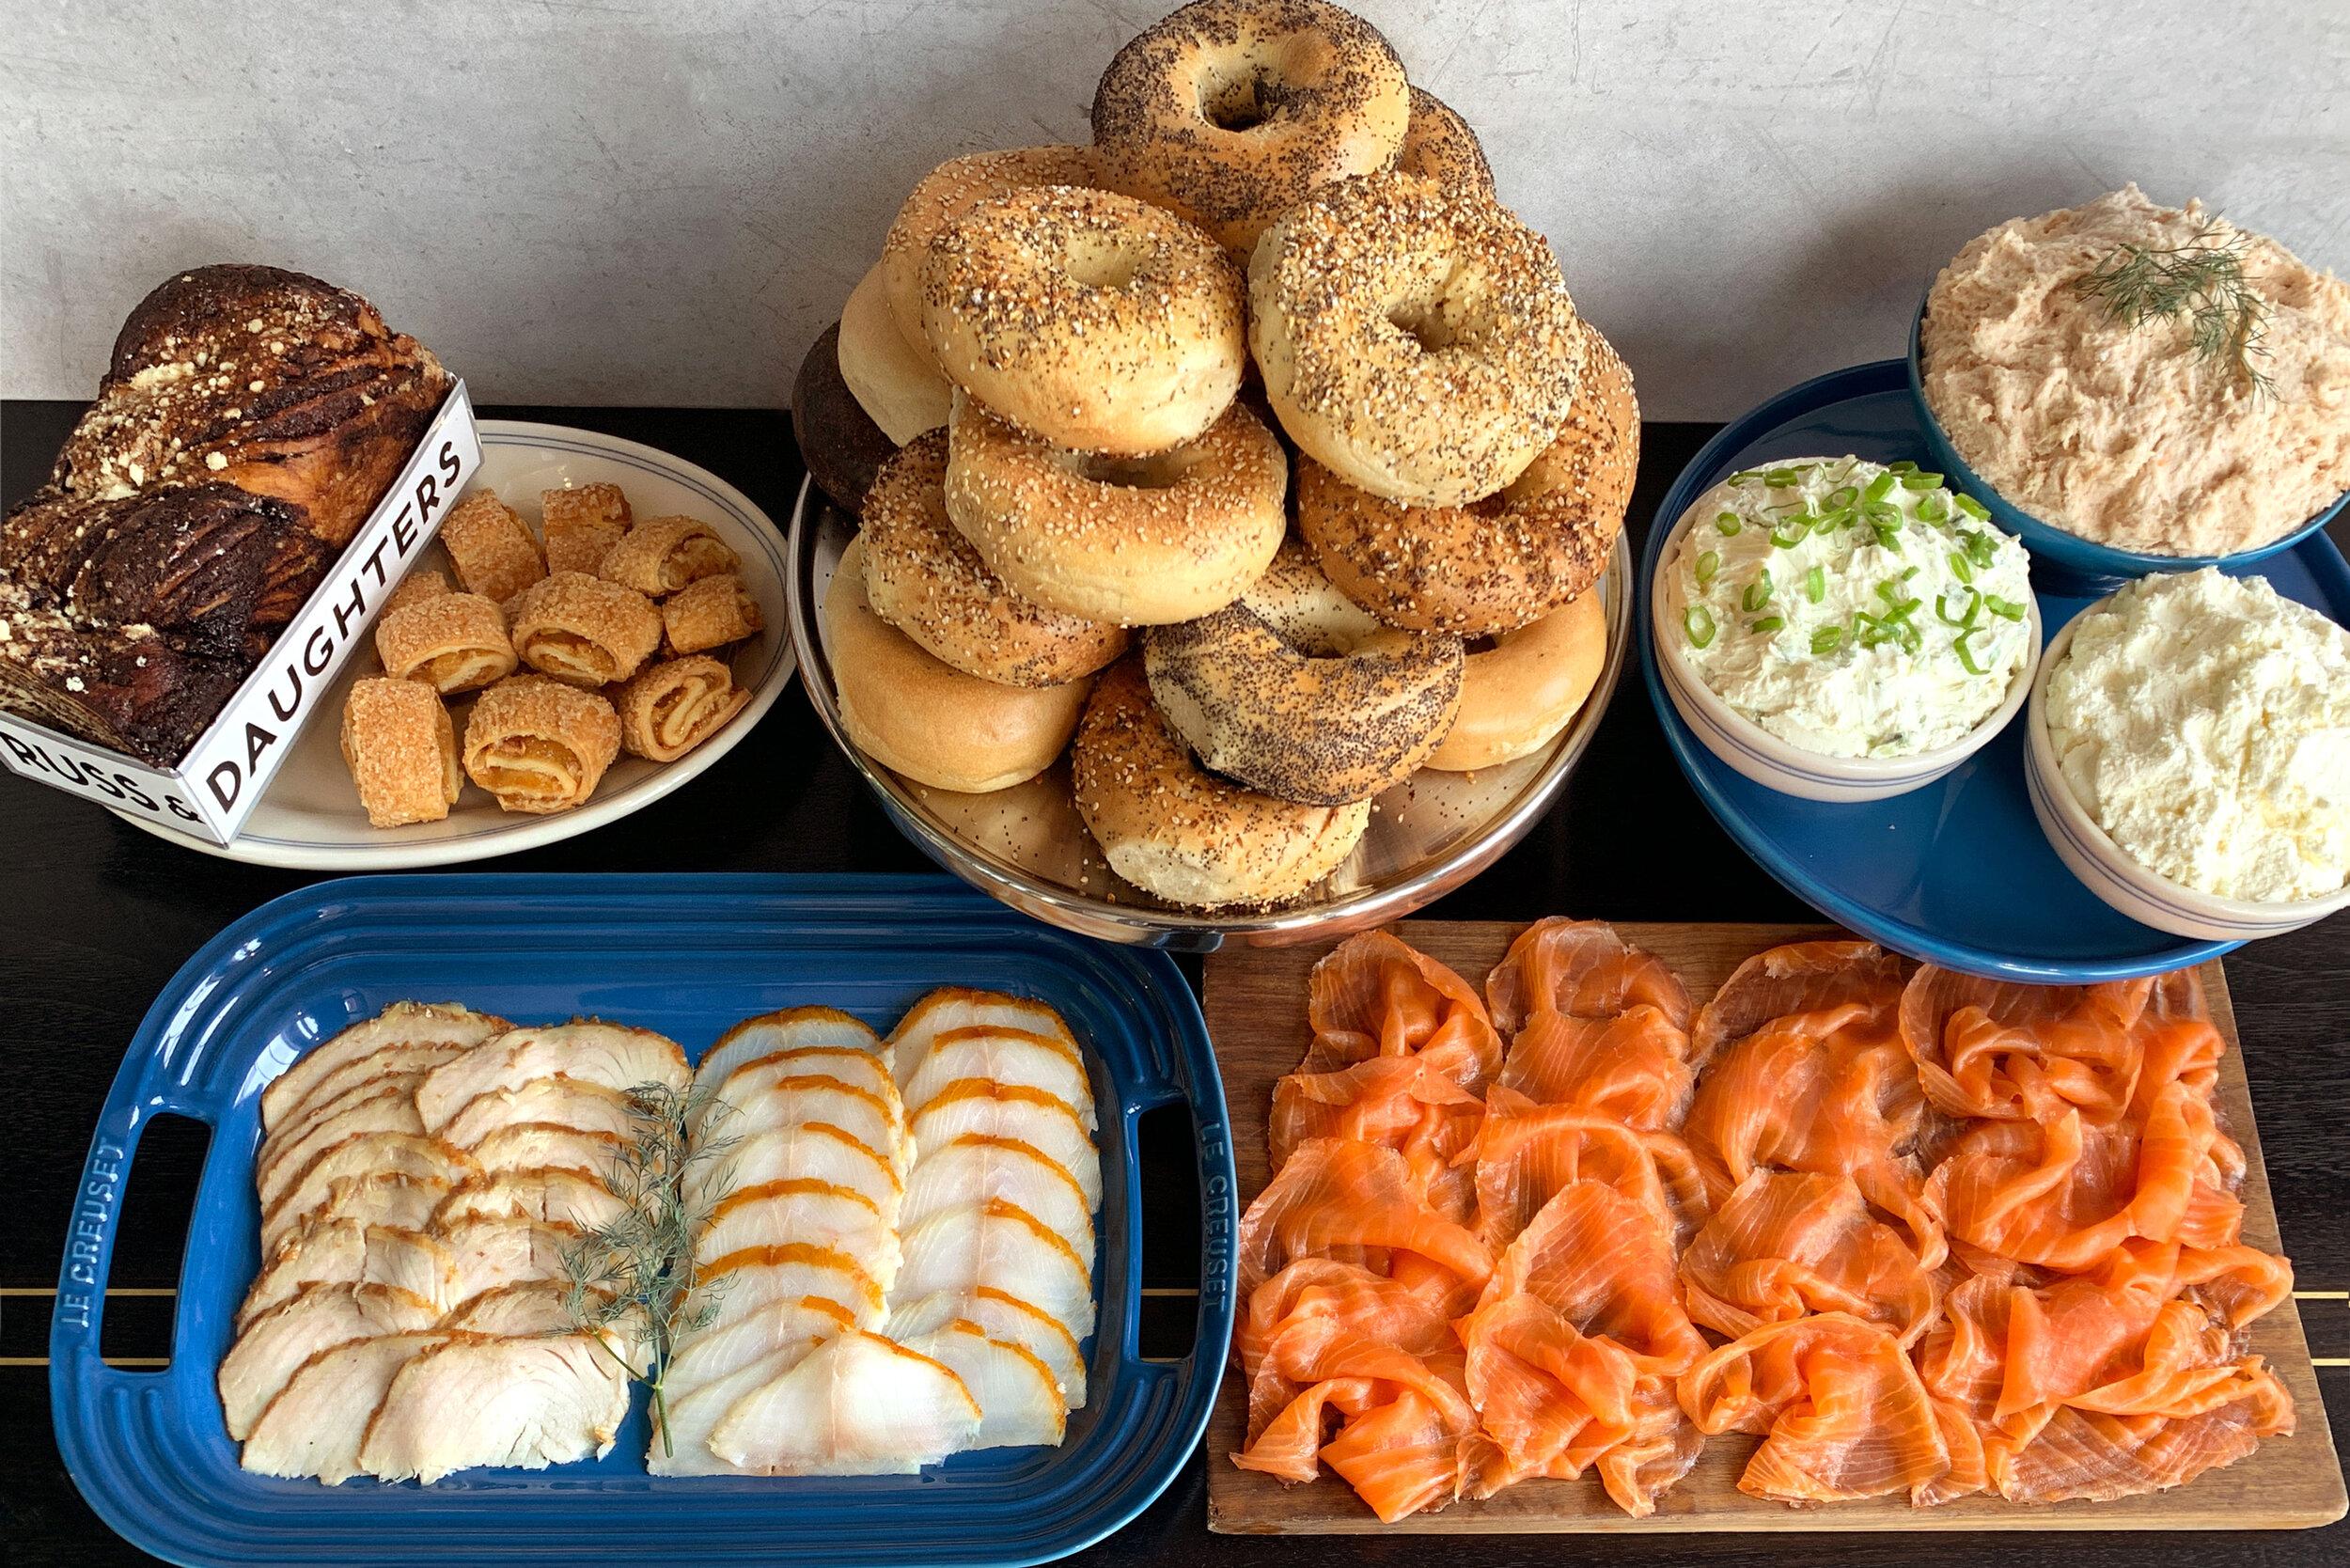 Russ-&-Daughters-Yom-Kippur-food.jpg